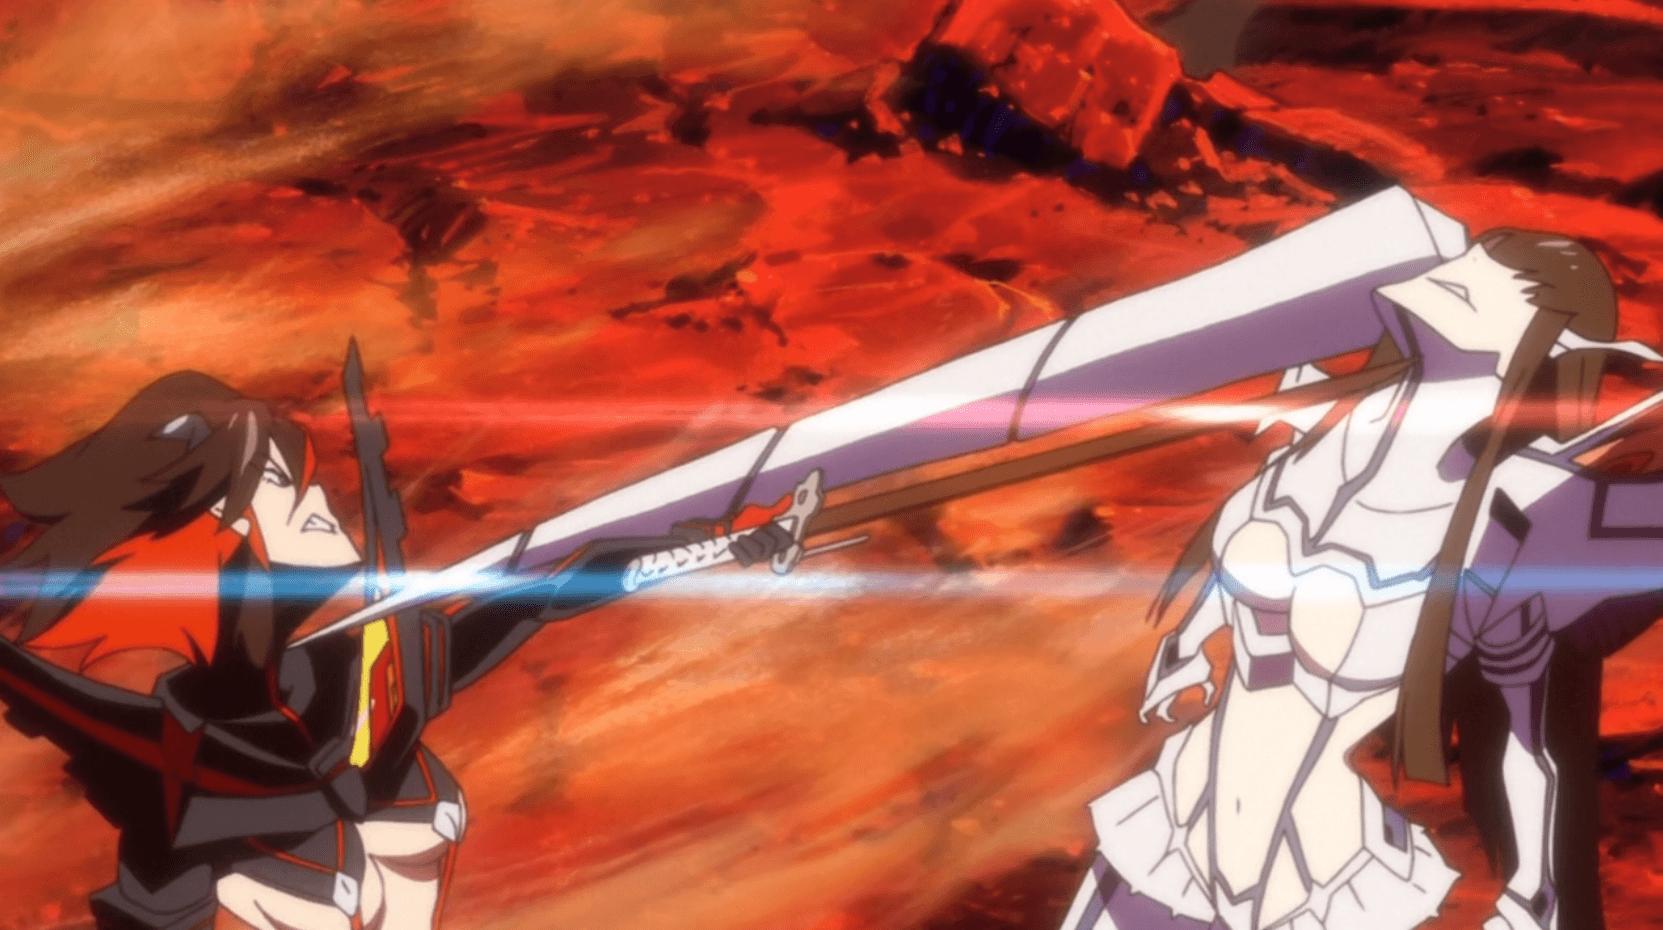 Ryuko and Satsuki battle over Senketsu